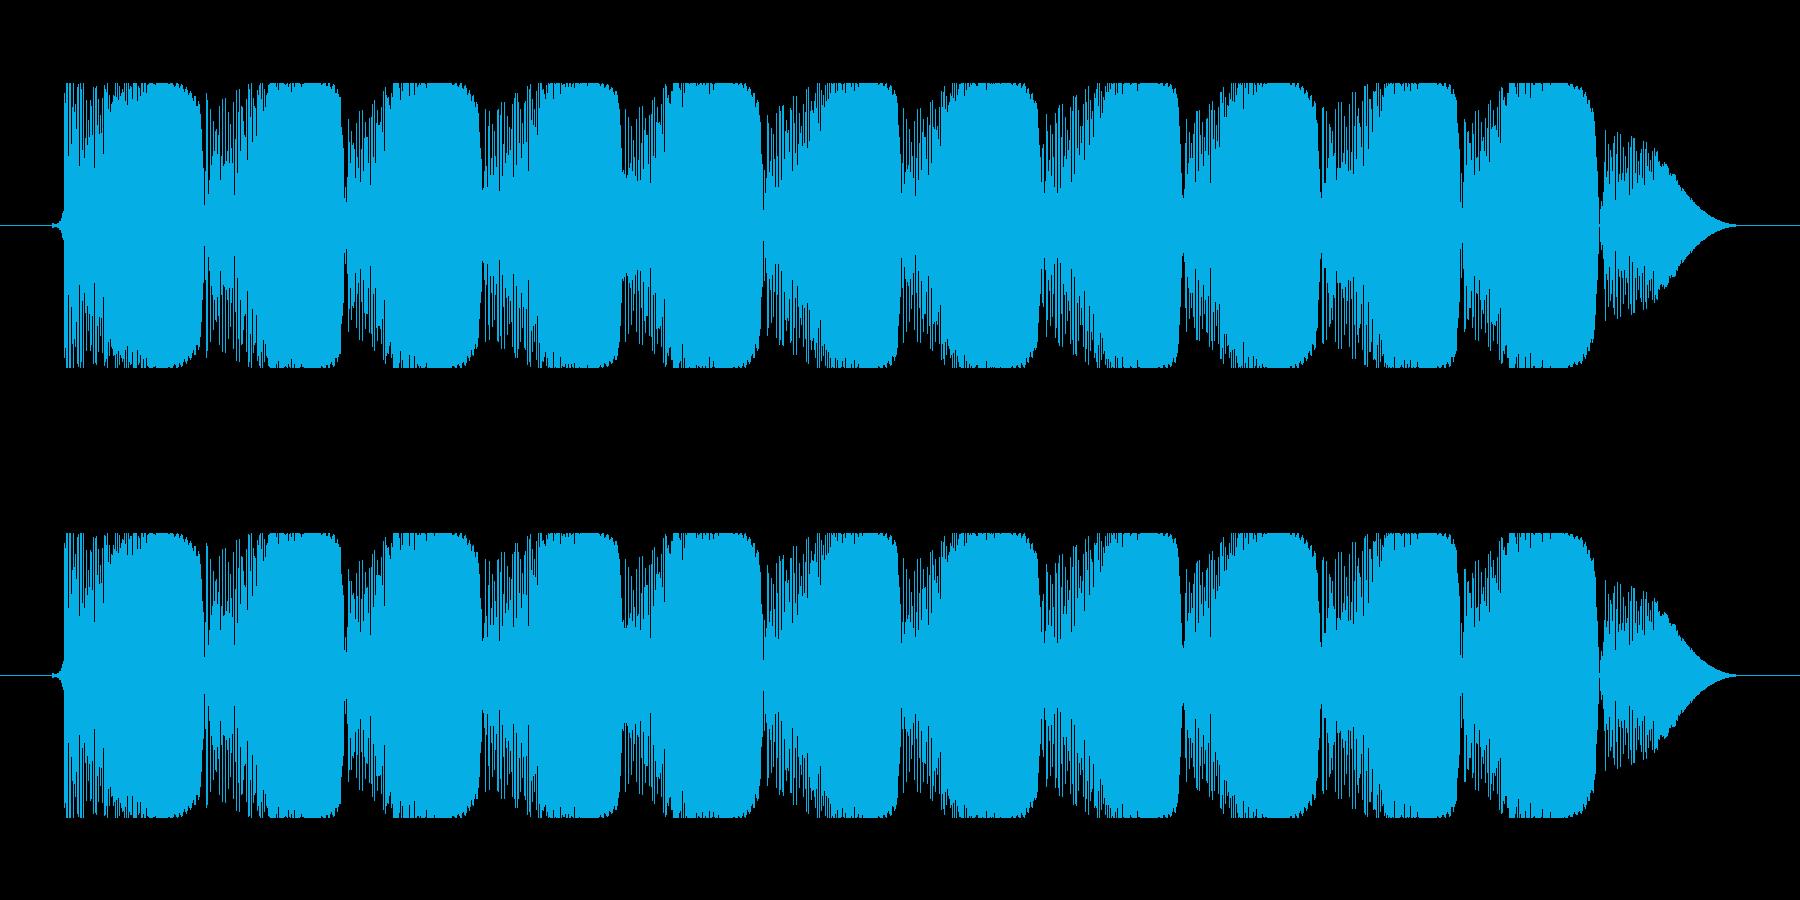 ビーム効果音 90b コミカルな連射 ビの再生済みの波形